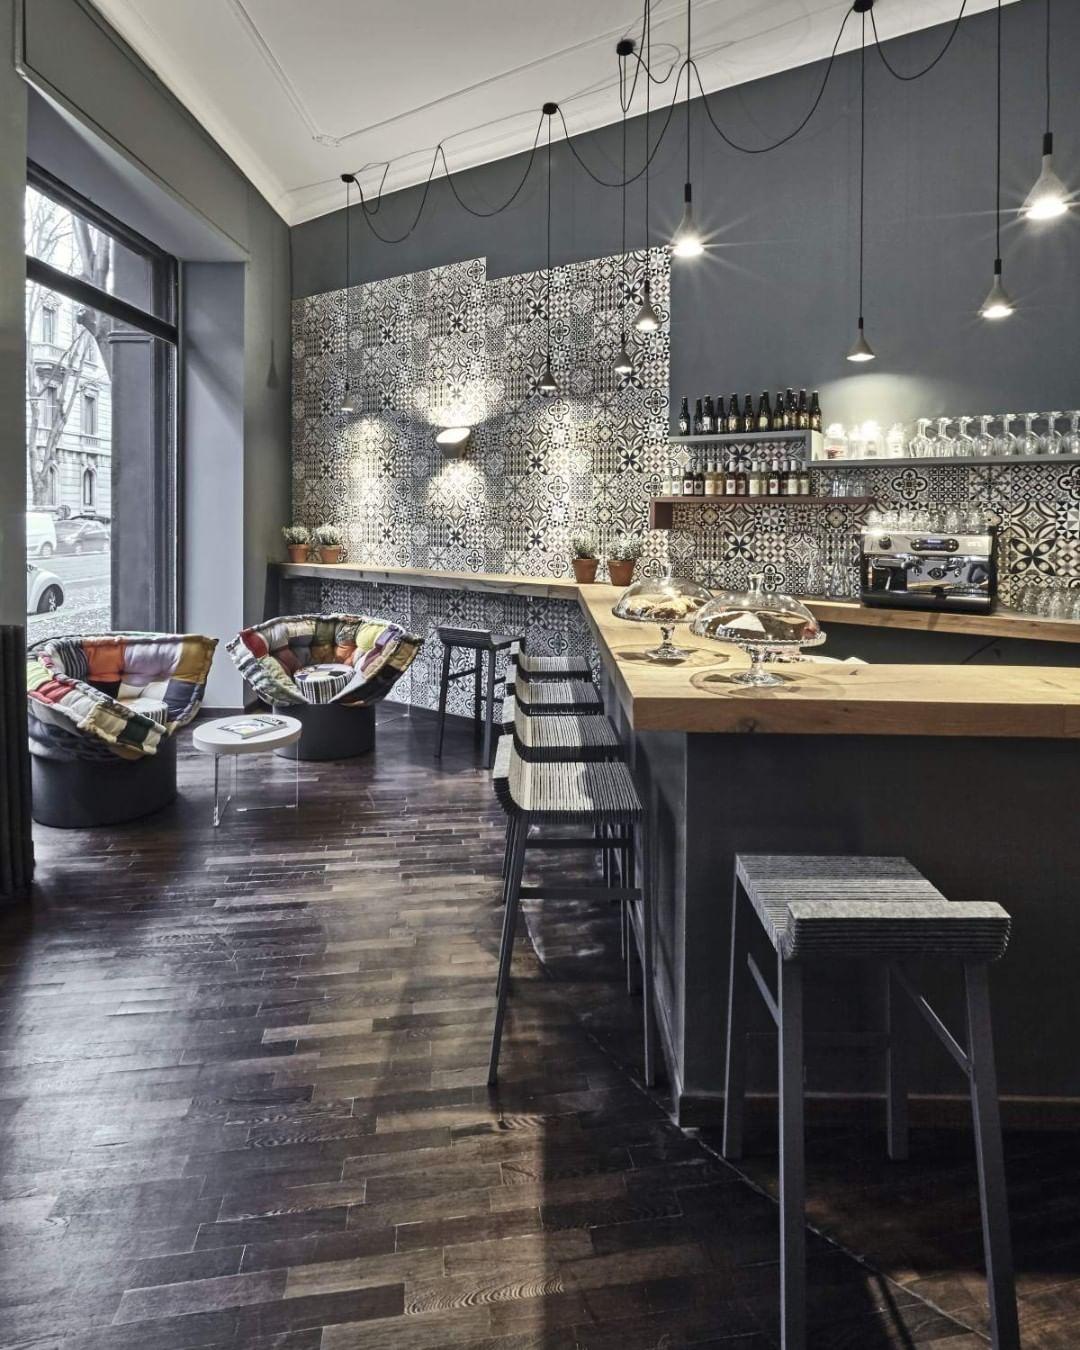 A restaurant concept with a sparkling, i...